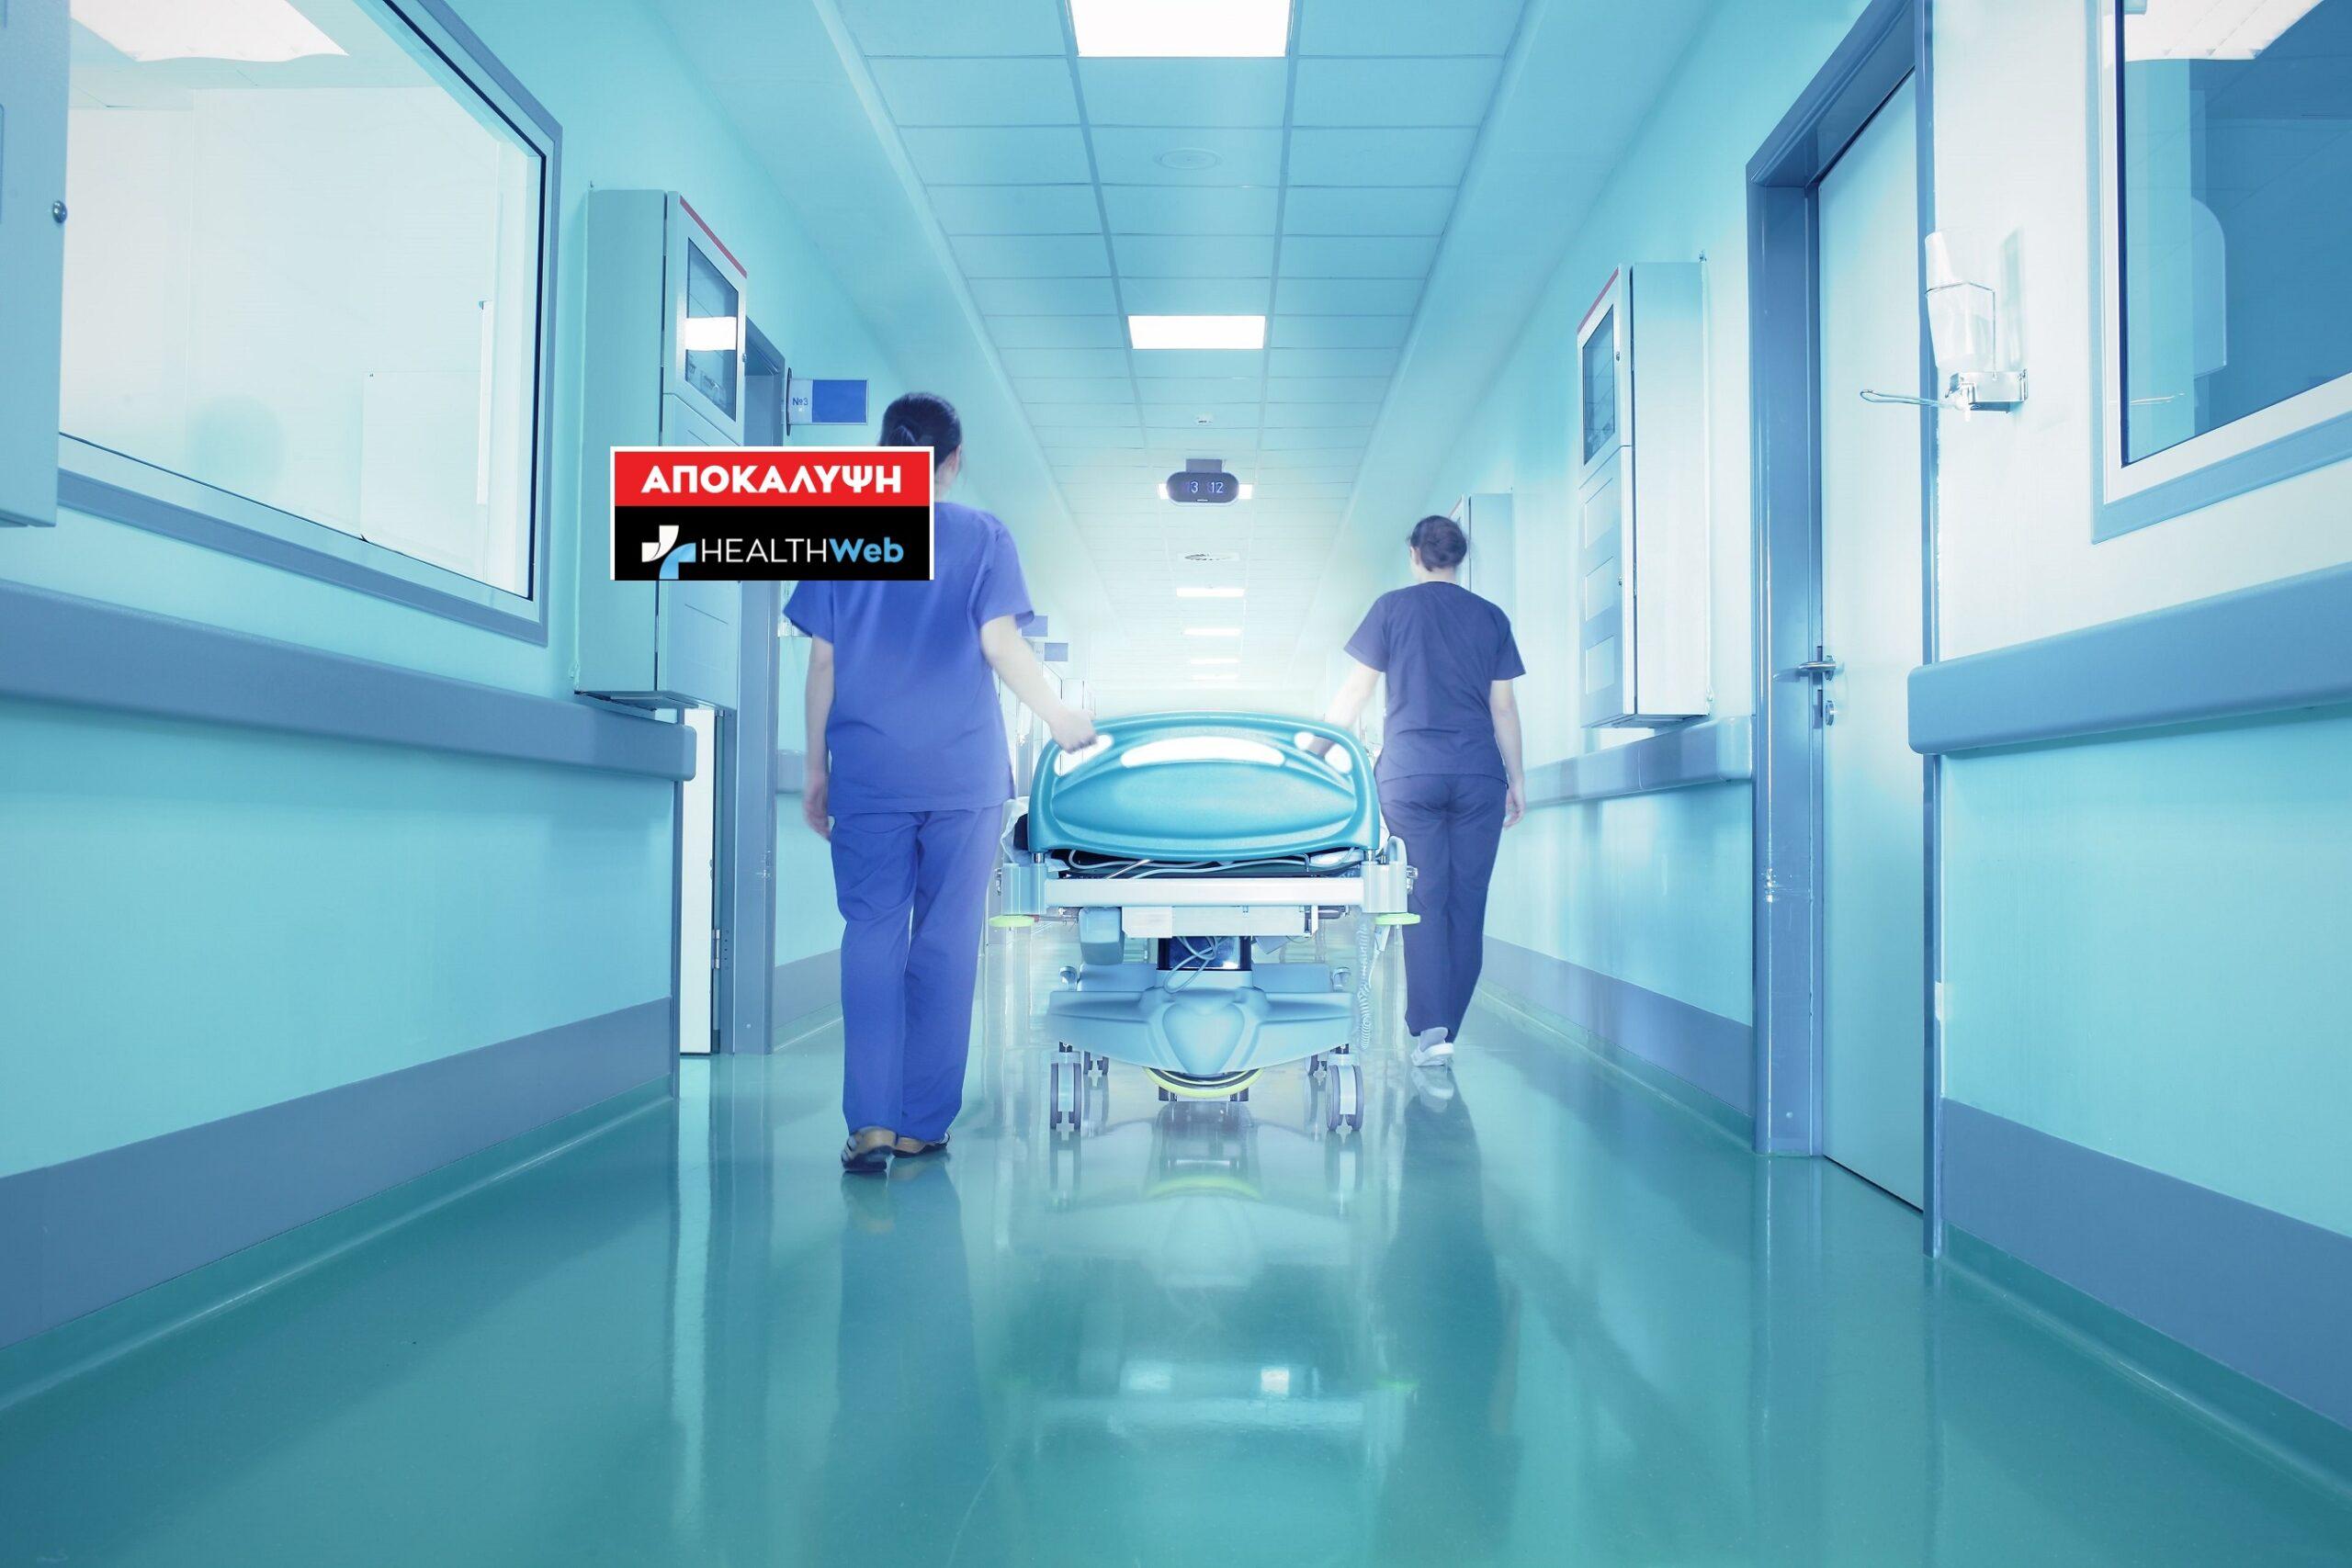 Παρασκήνιο: Τα νοσοκομεία αγωνιούν και η ΕΚΑΠΥ αναπαύεται